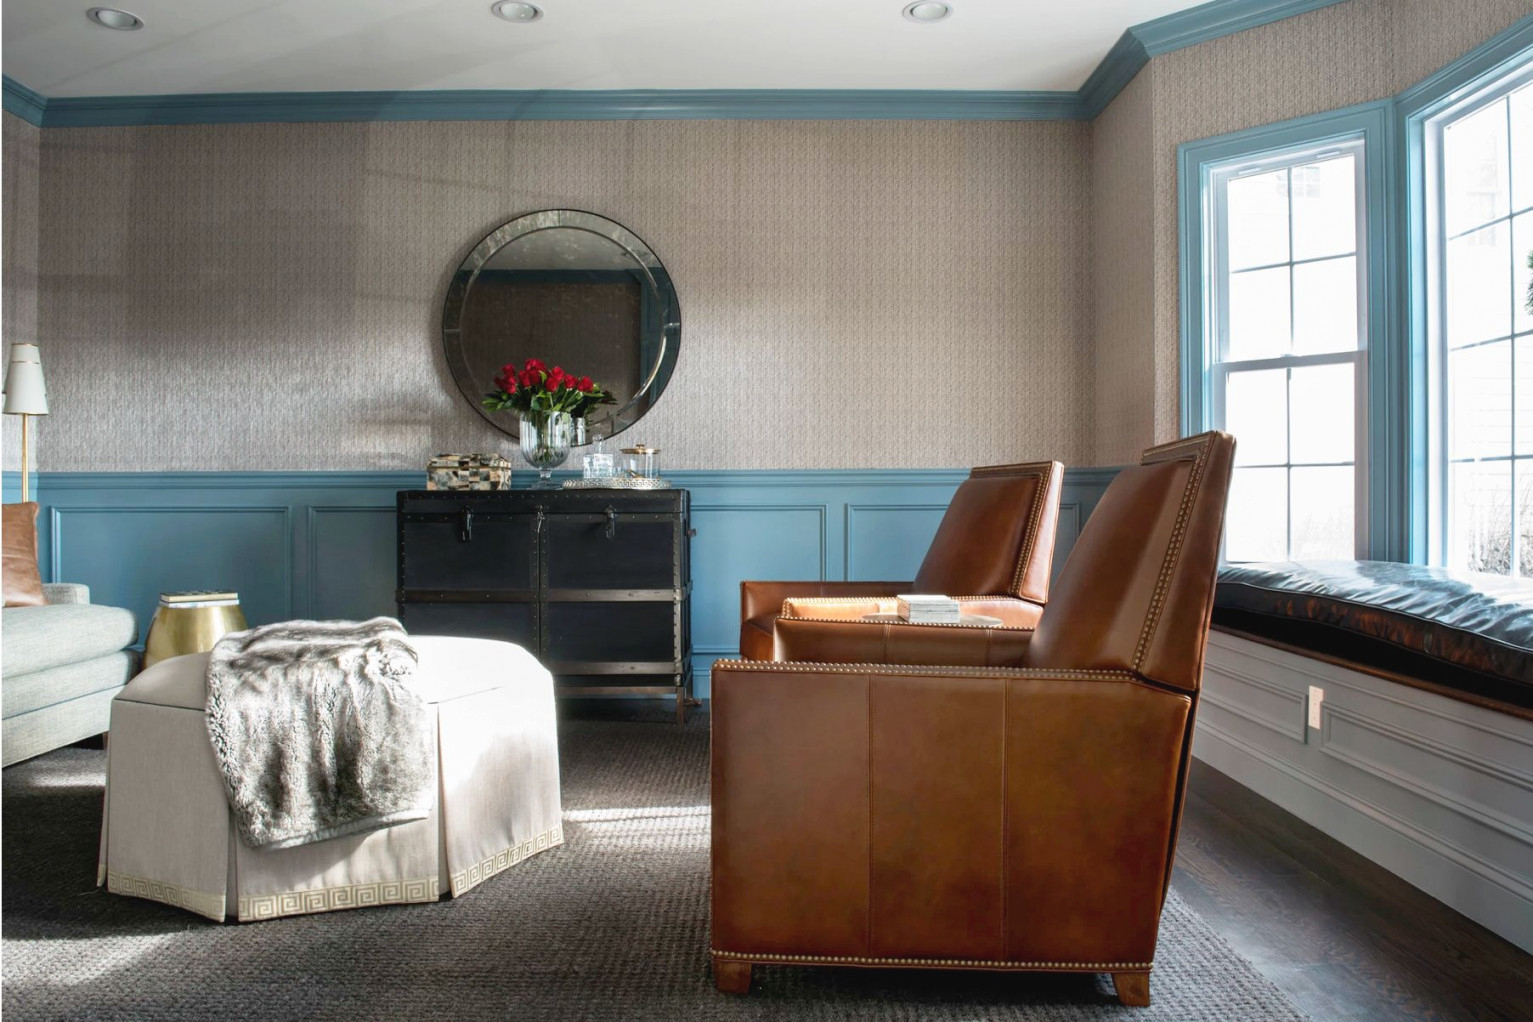 35 Best Living Room Color Ideas - Top Paint Colors For for Living Room Paint Color Schemes